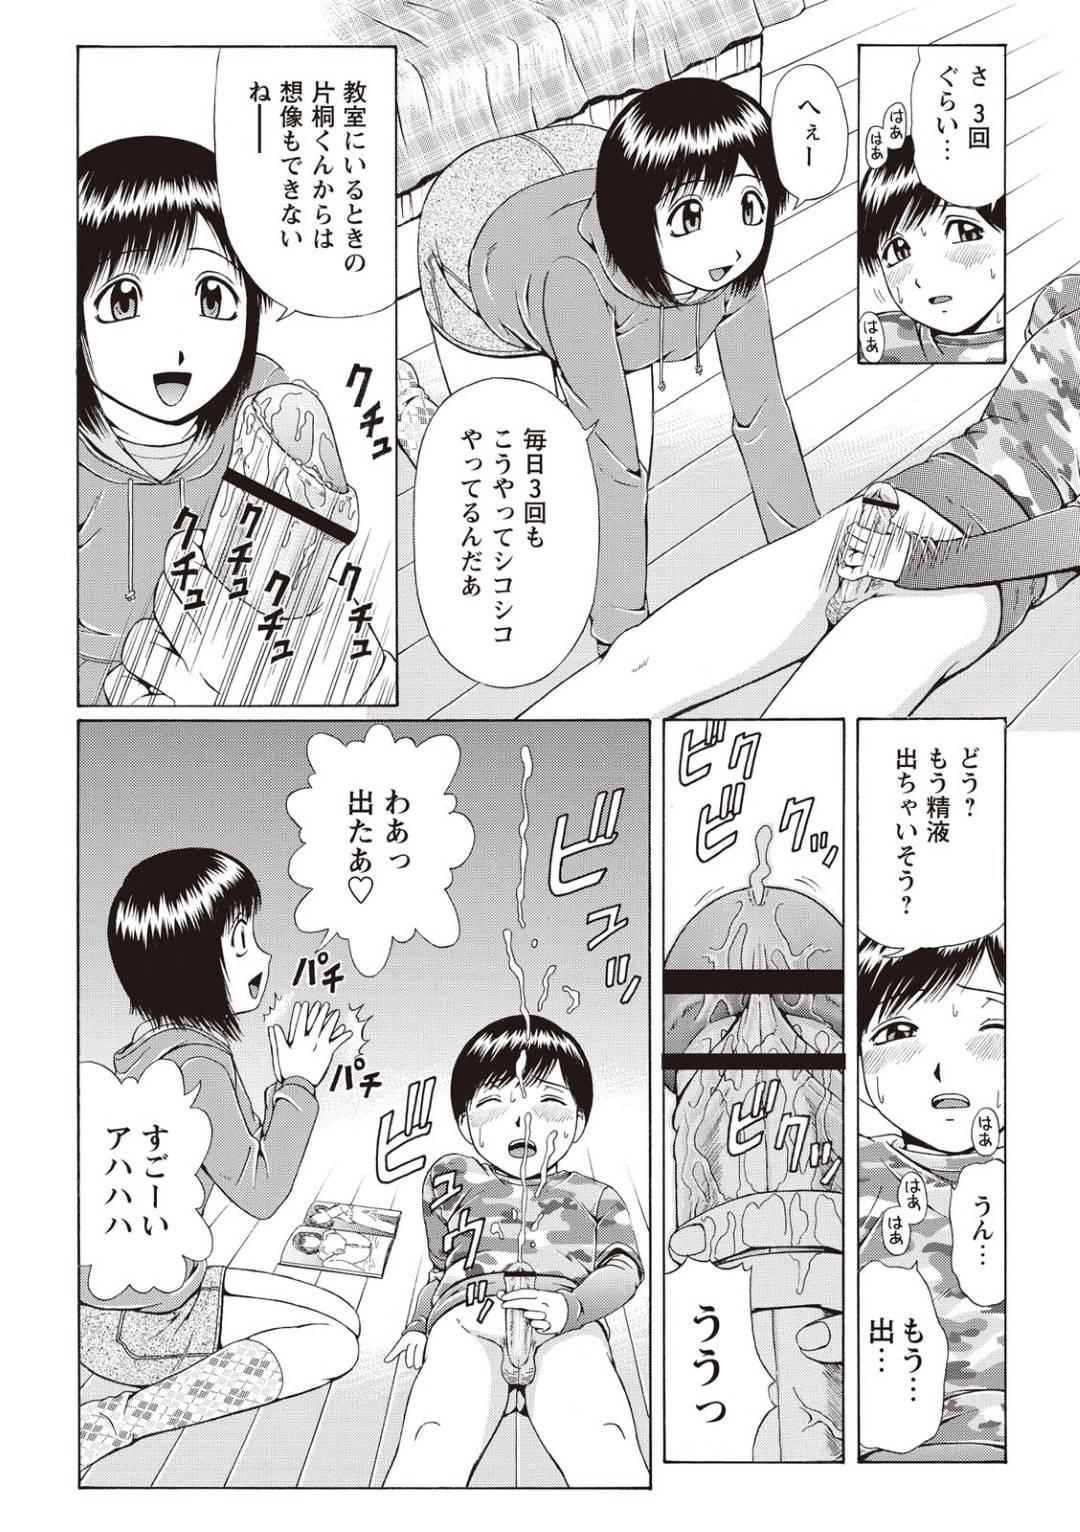 【エロ漫画】エロ本を買いにきた同級生を性行為に誘っちゃうビッチな美少女…逆レイプにオナニーをしちゃったりして筆下ろしをしちゃってトロ顔になっちゃう!【にったじゅん:Happy Go Lucky】